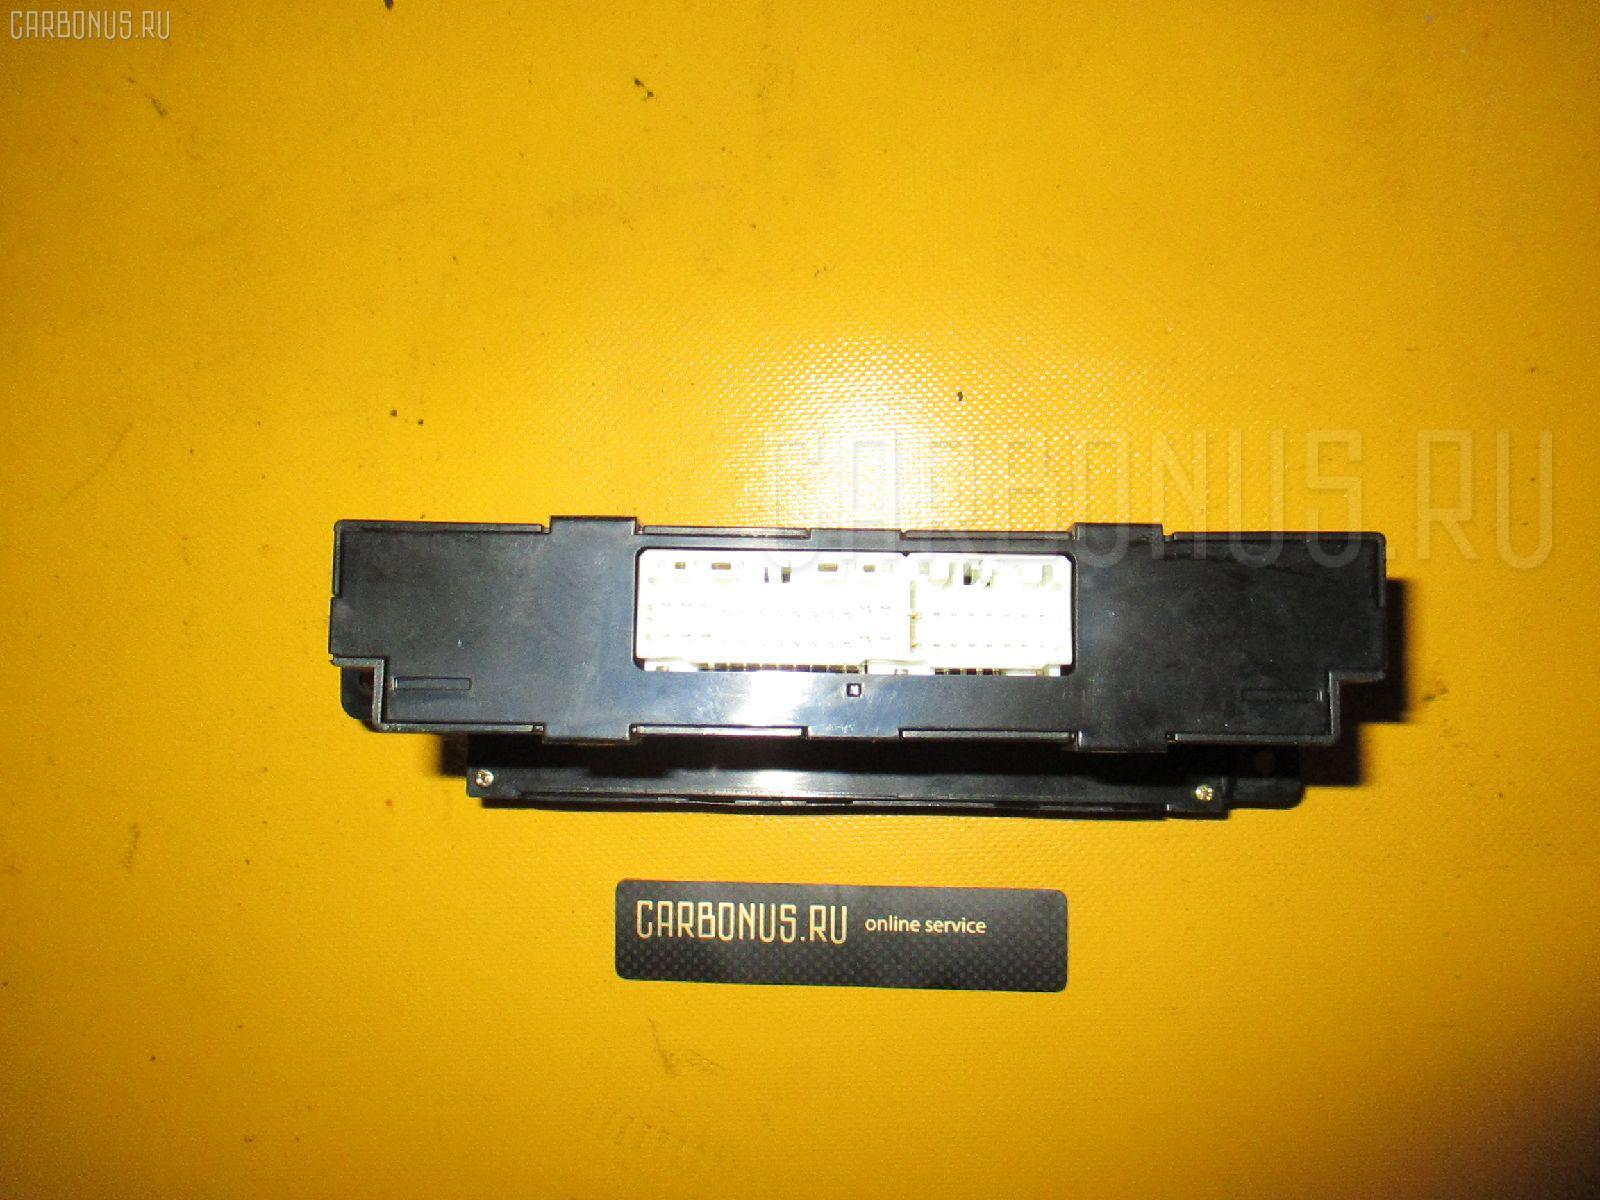 Блок управления климатконтроля TOYOTA CORONA PREMIO AT211 7A-FE Фото 2